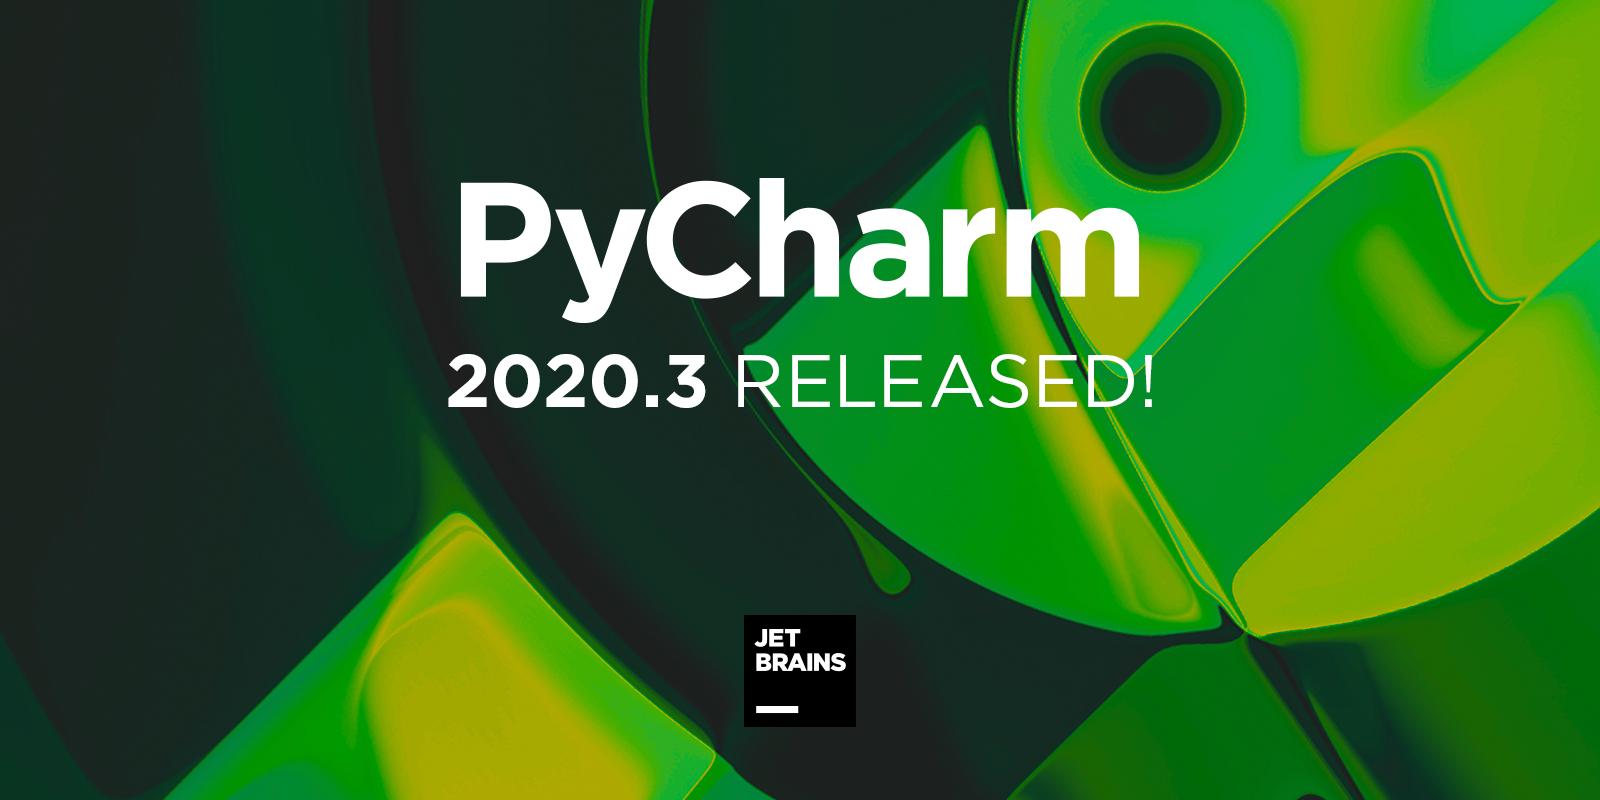 pycharm-2020-3-released